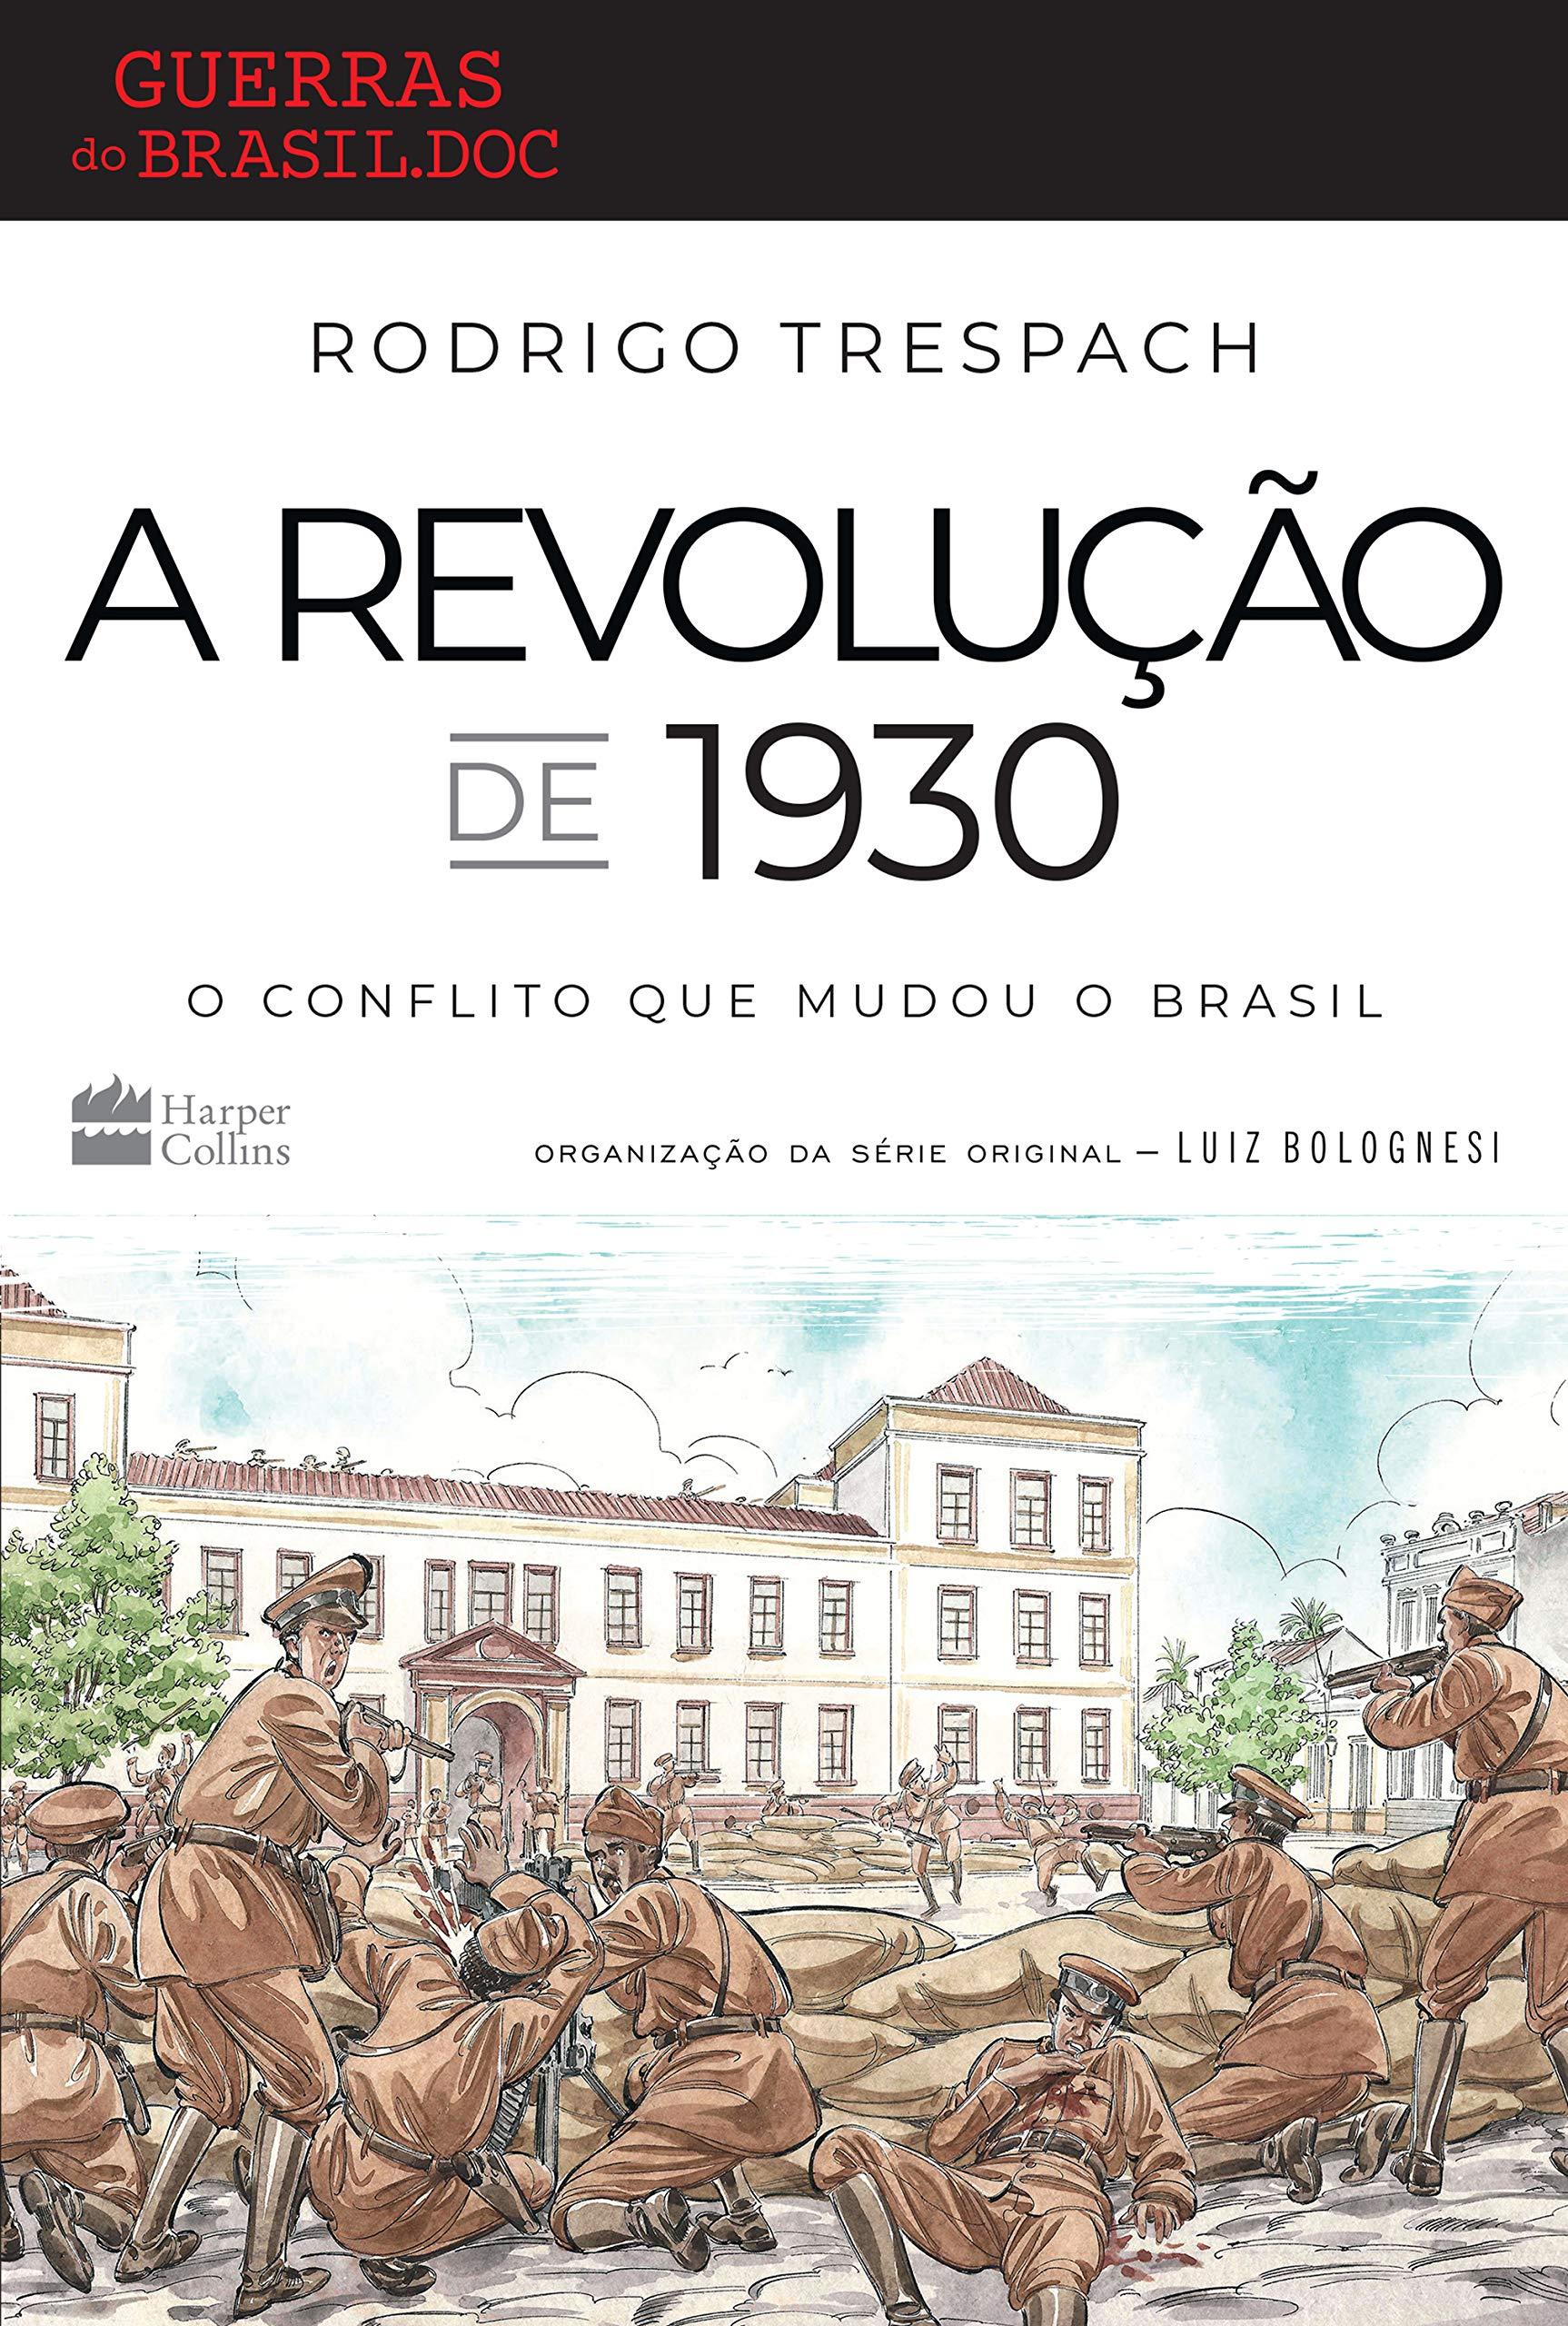 Créditos: Reprodução / HarperCollins Brasil